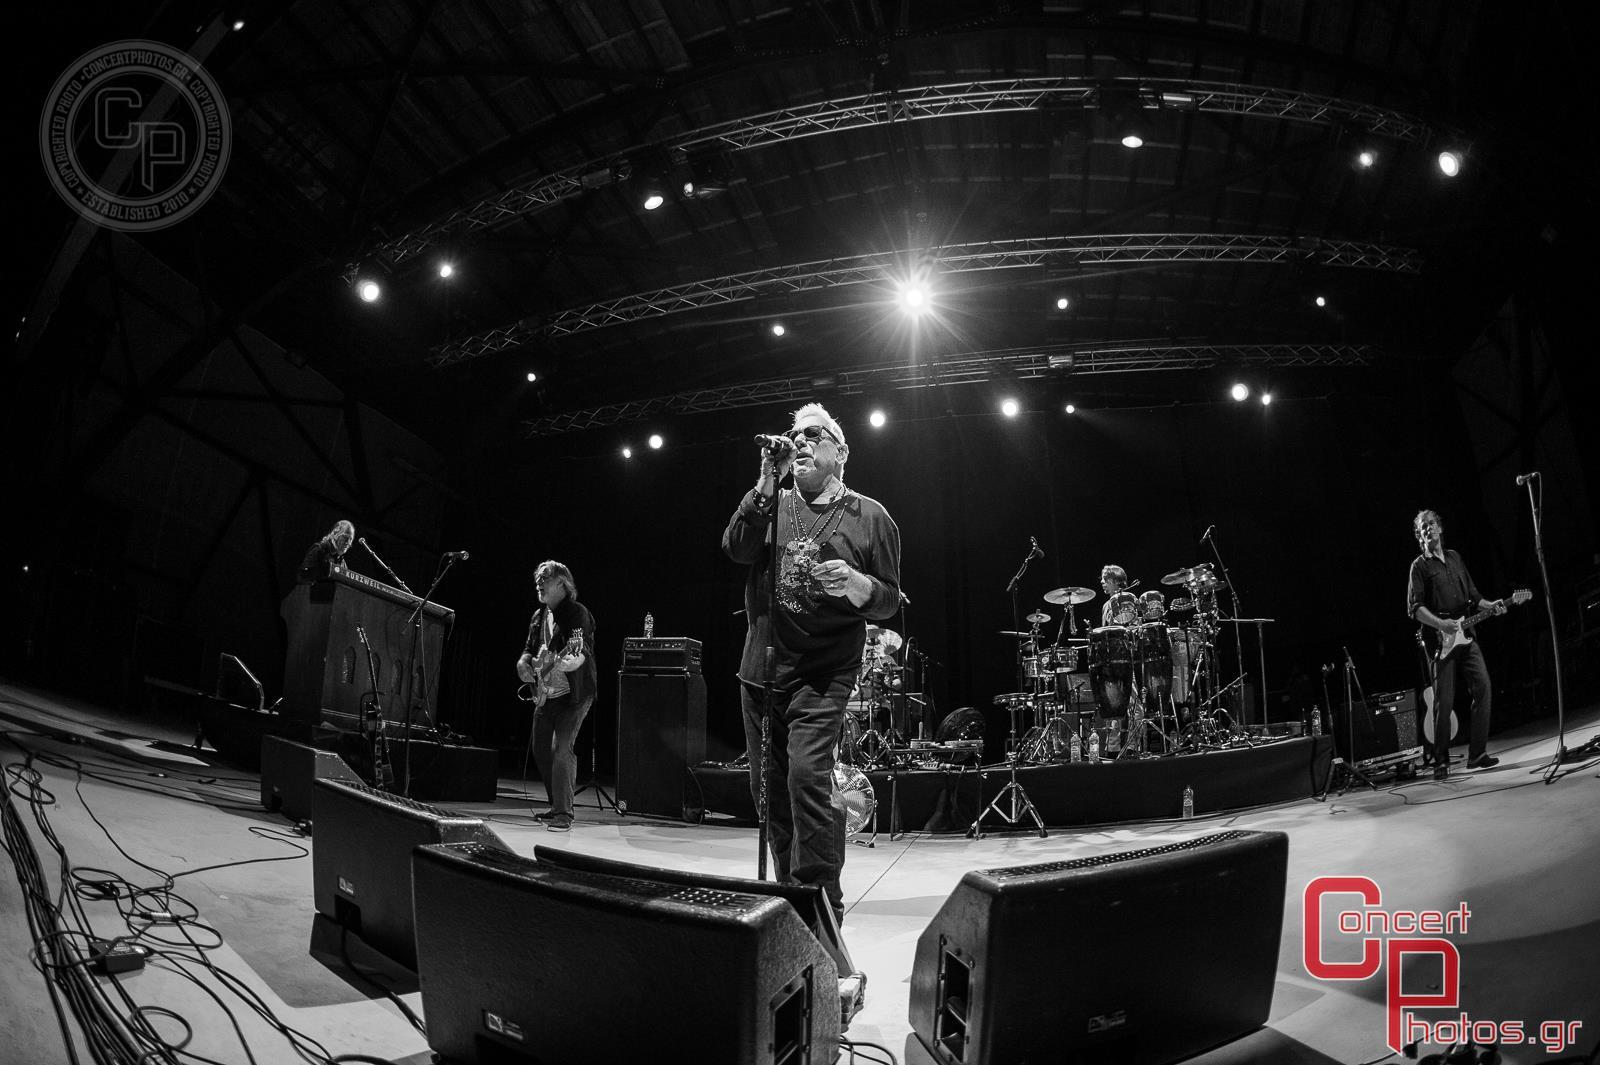 Rockwave 2014-Rockwave 2014 - Day 1 photographer:  - Rockwave-2014-127